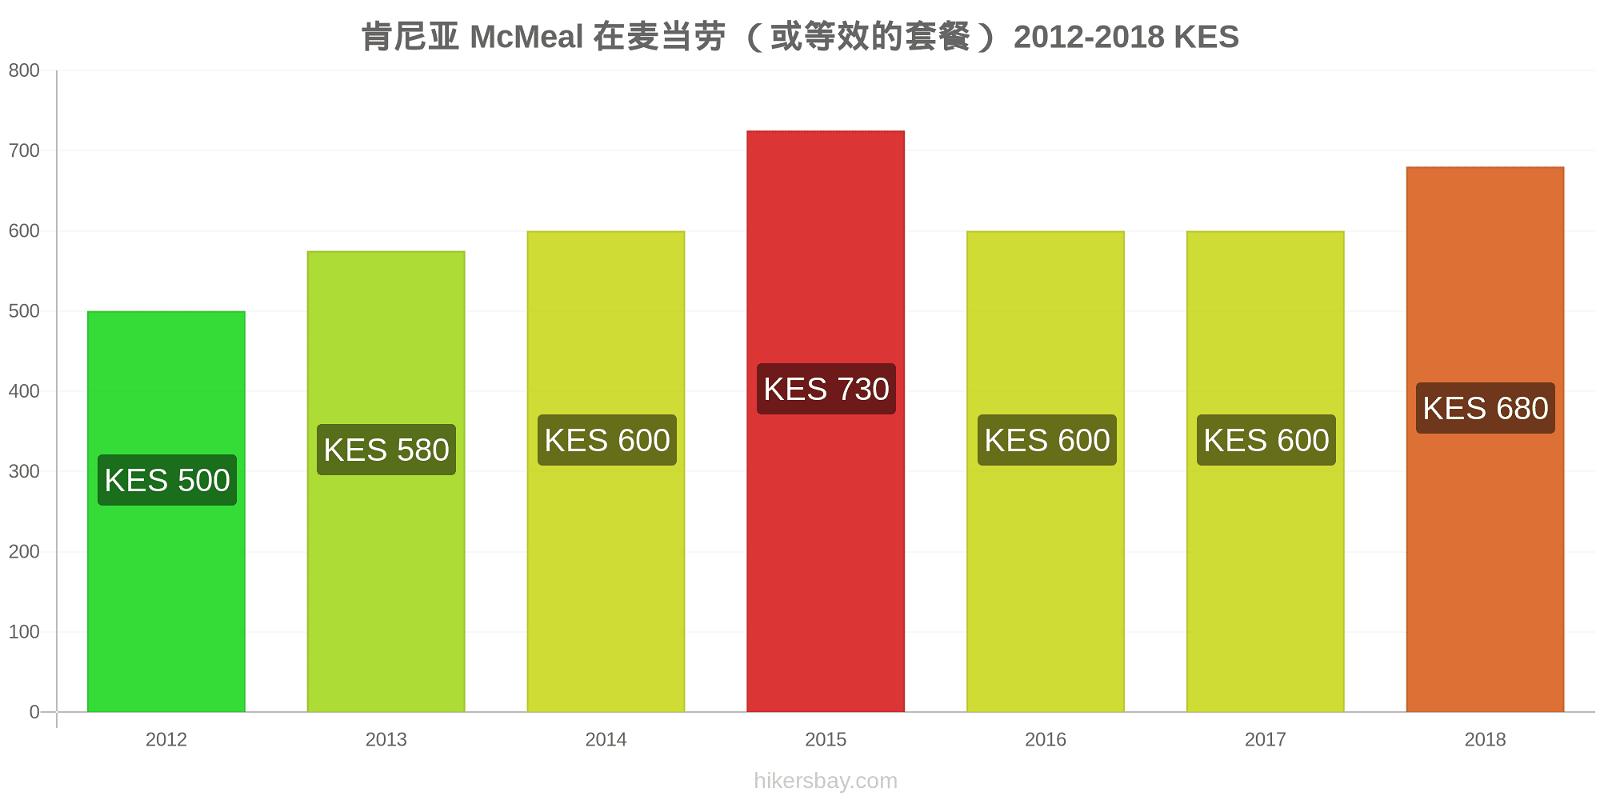 肯尼亚 价格变化 McMeal 在麦当劳 (或等效的套餐) hikersbay.com